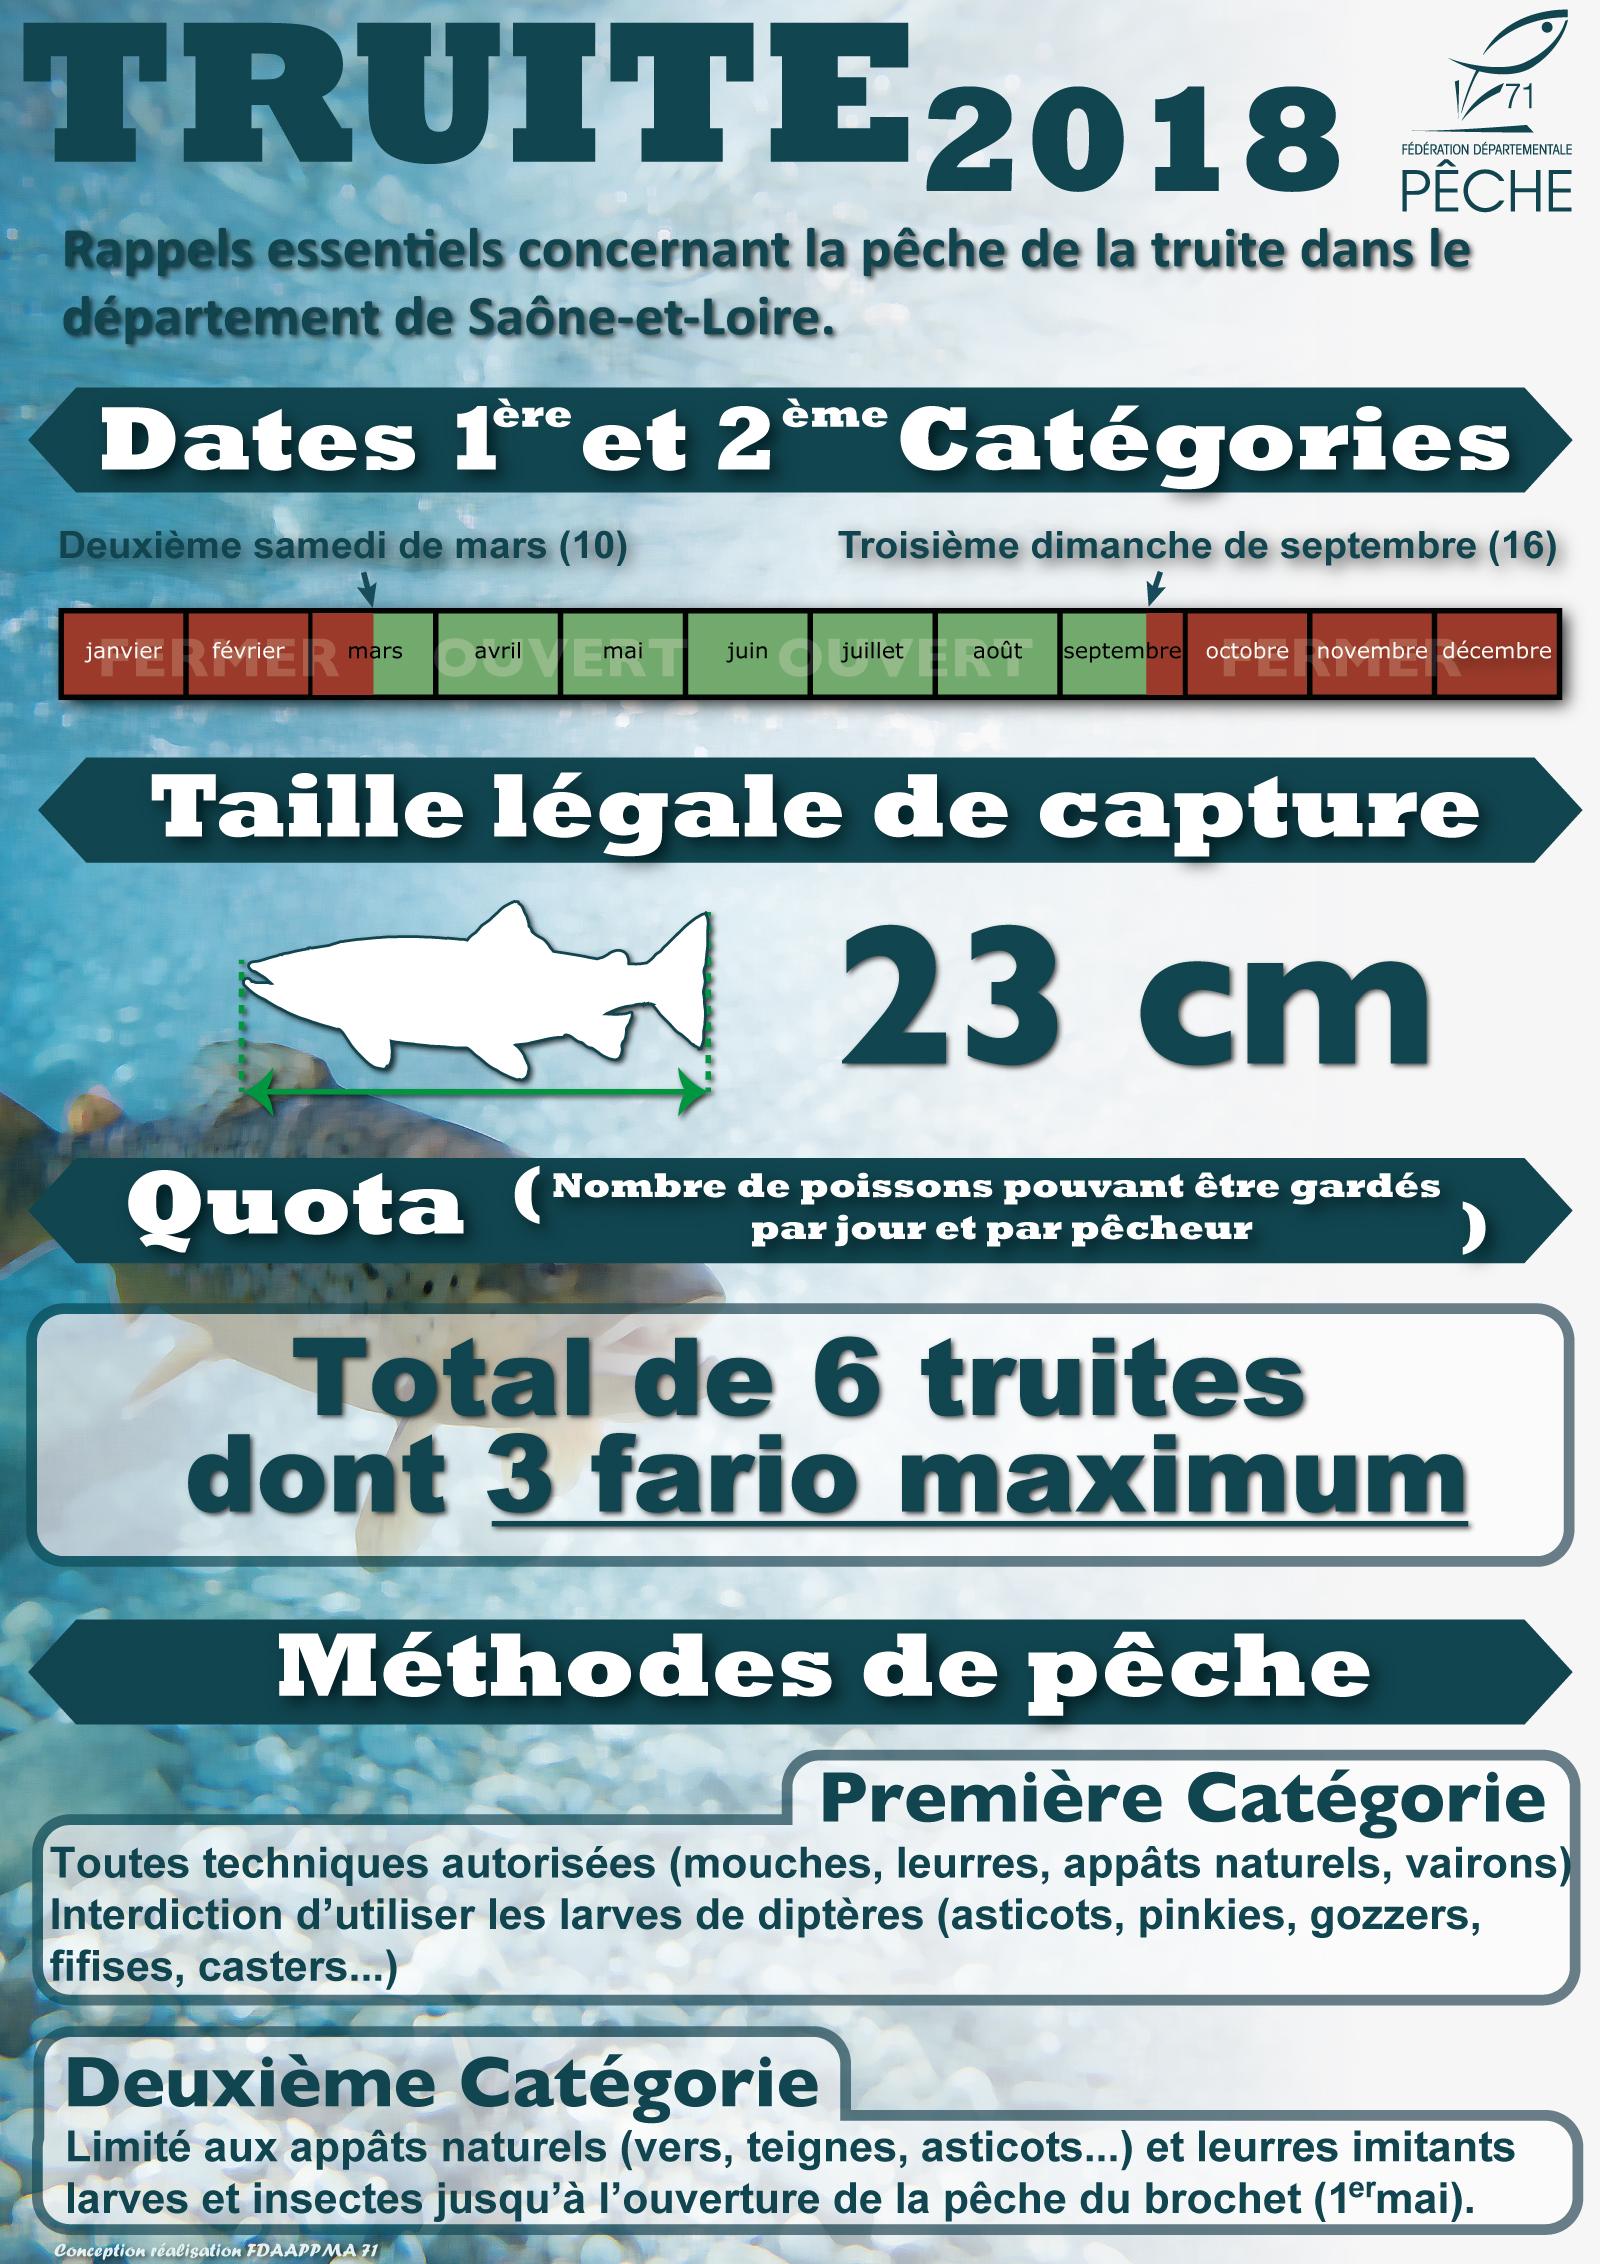 Ouverture pêche truite 2018 en Saône-et-Loire